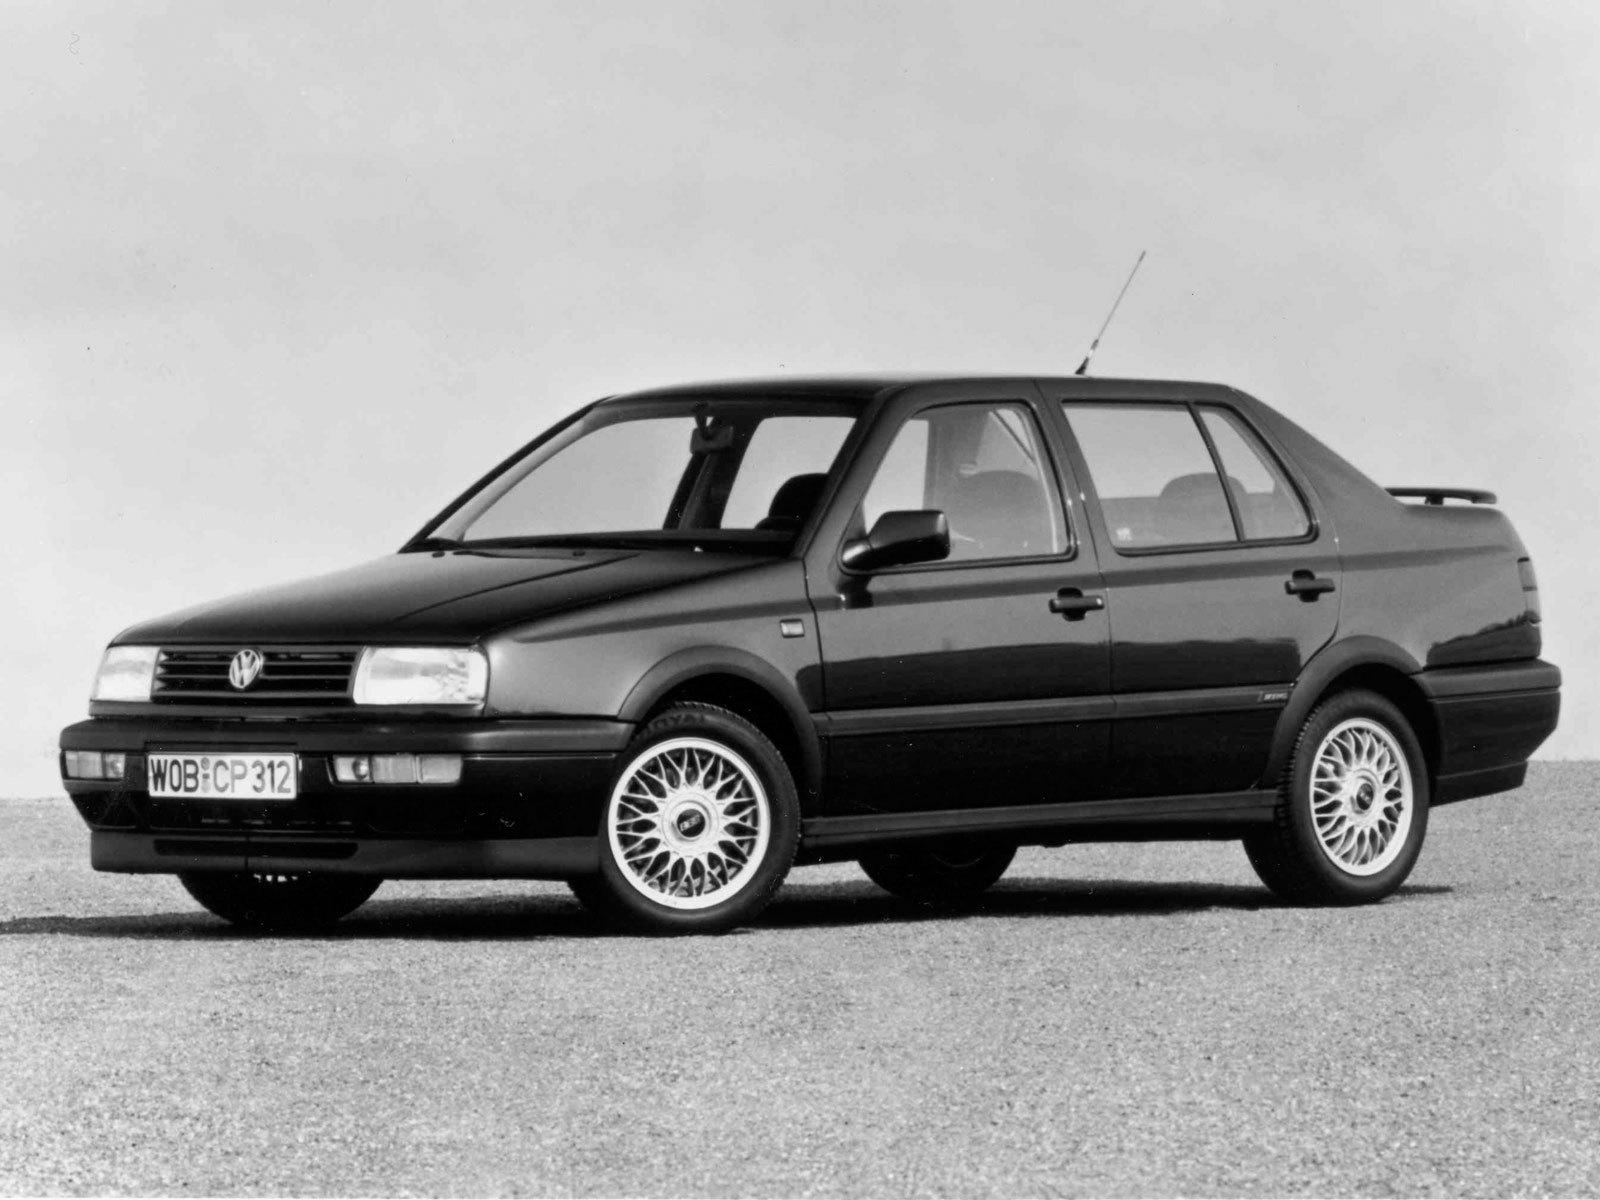 1997 Volkswagen Vento - Partsopen